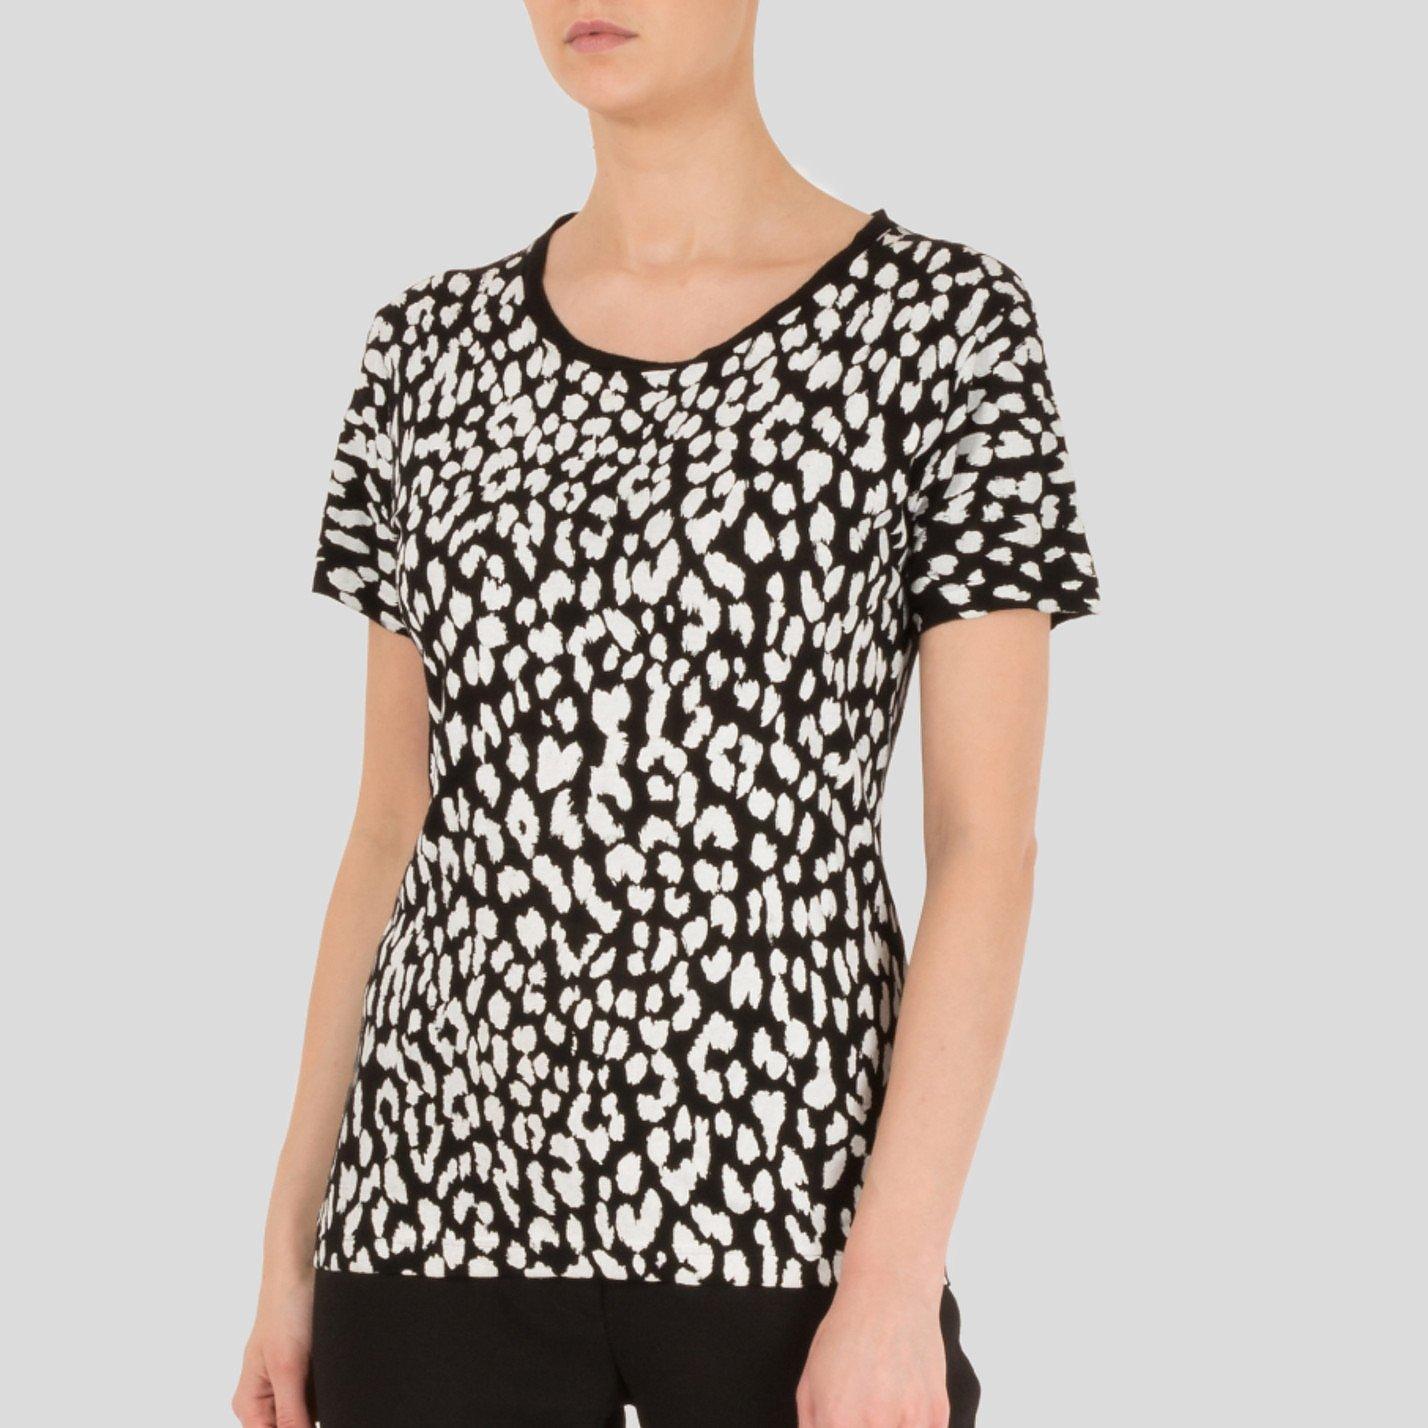 Yves Saint Laurent Monochrome Leopard Print T-Shirt